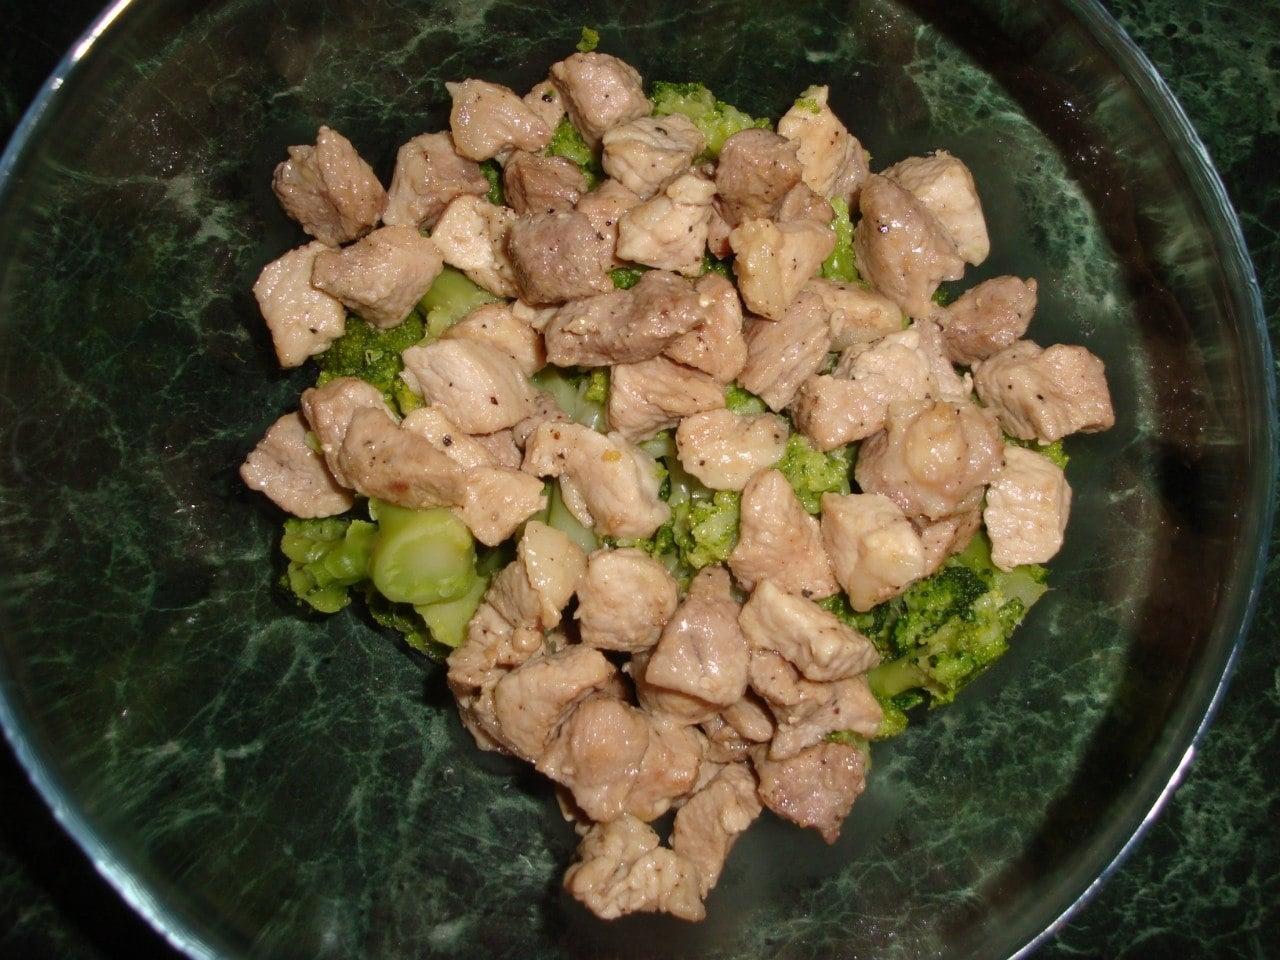 Салат из мяса с брокколи - приготовление, шаг 2